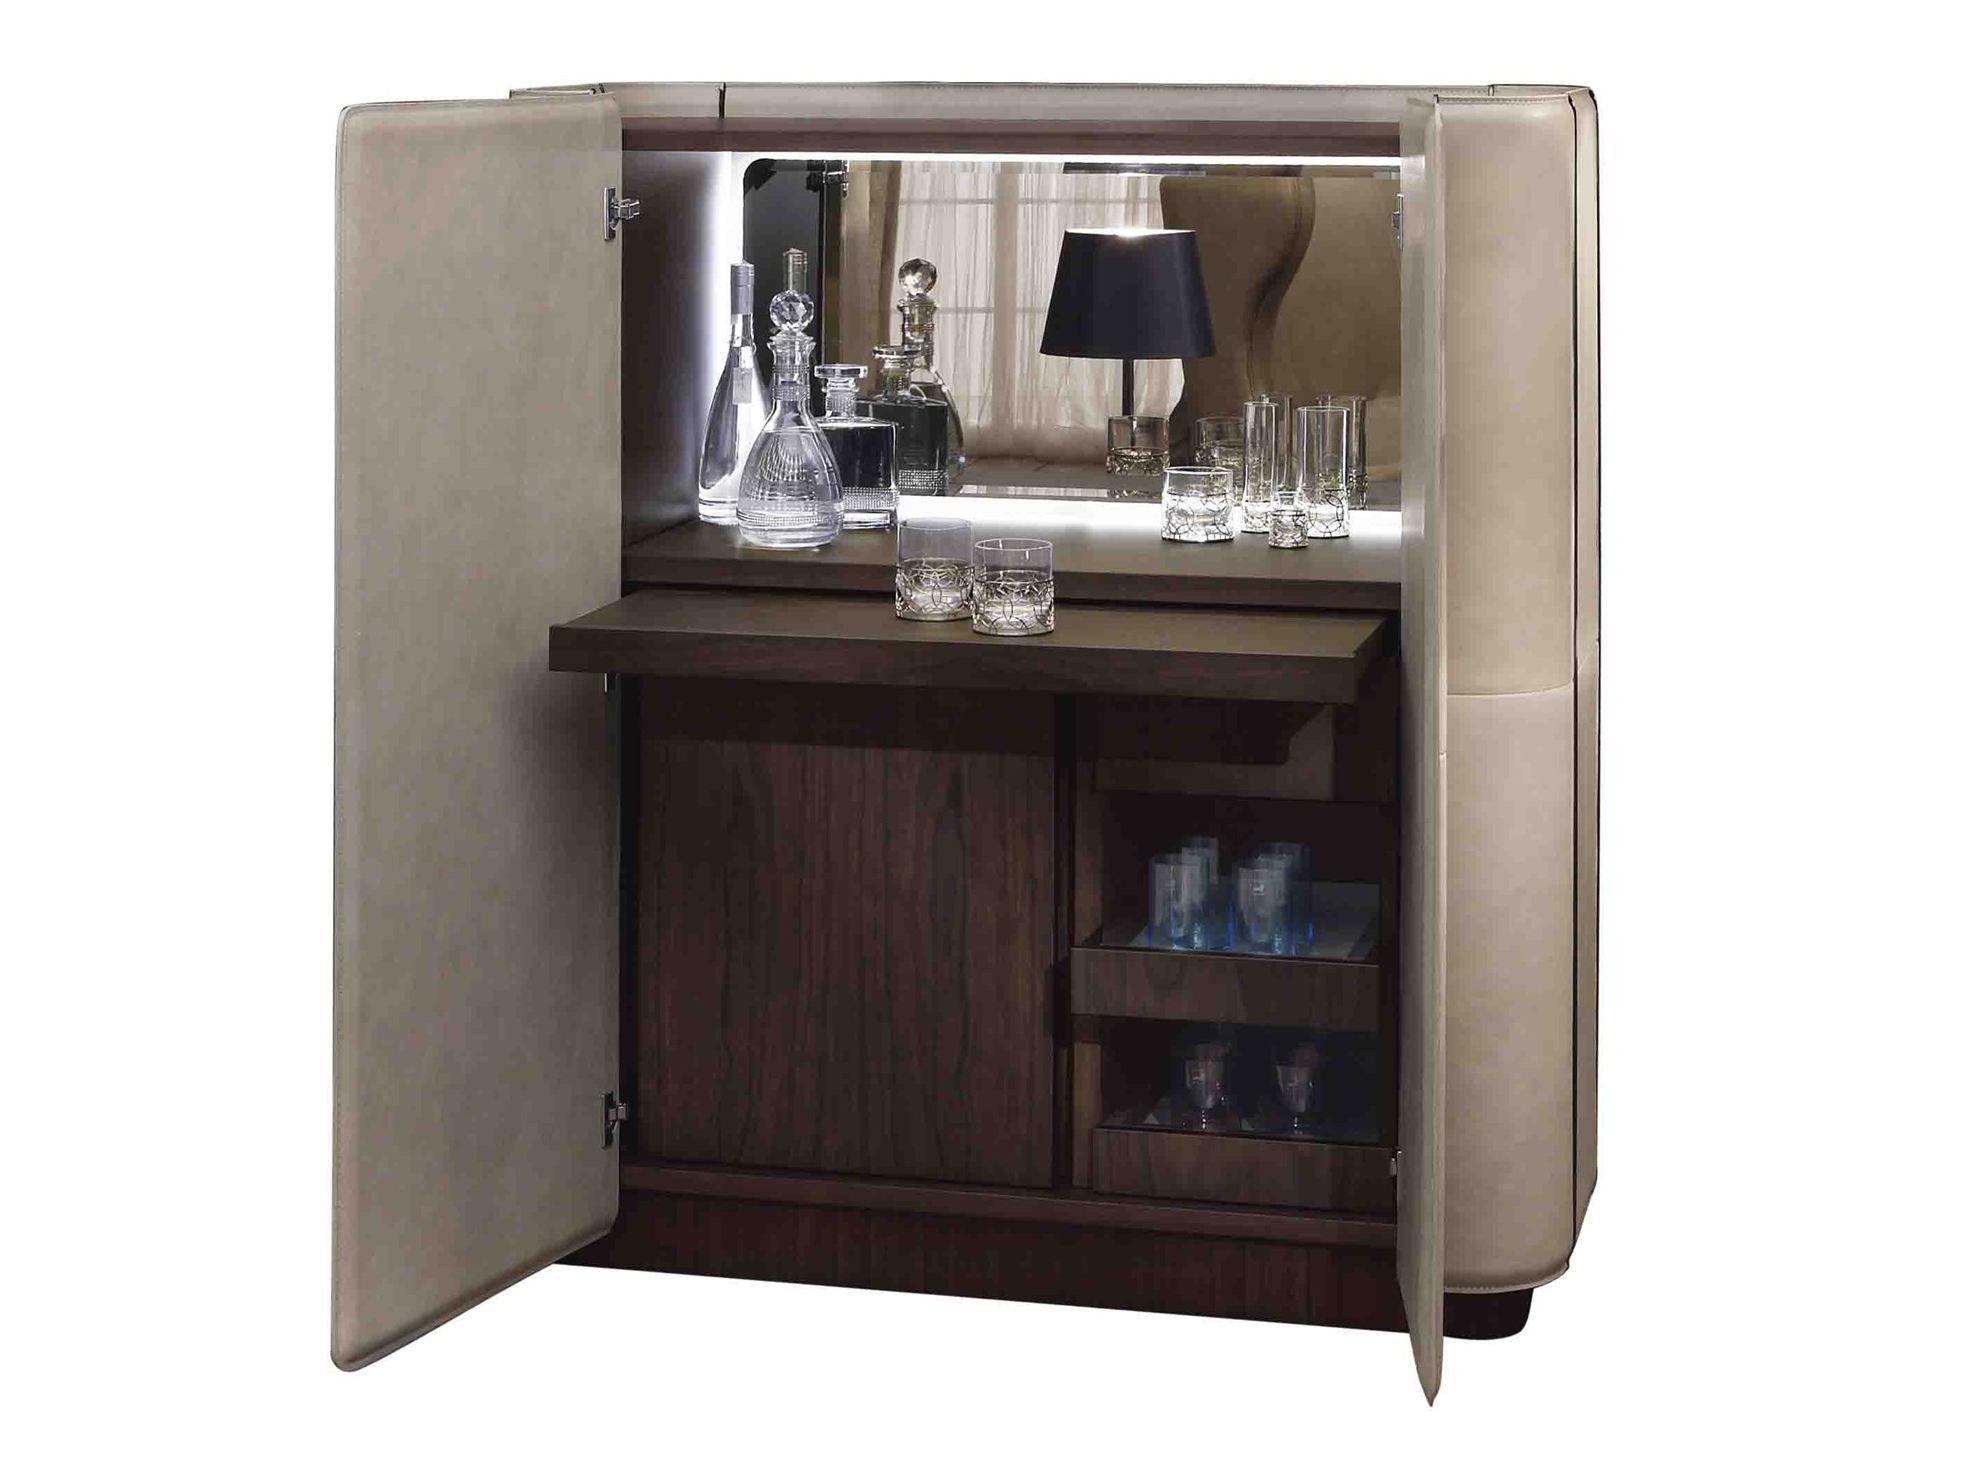 mobili bar | zona giorno e mobili contenitori | archiproducts - Mobili Bar Moderni Per Casa